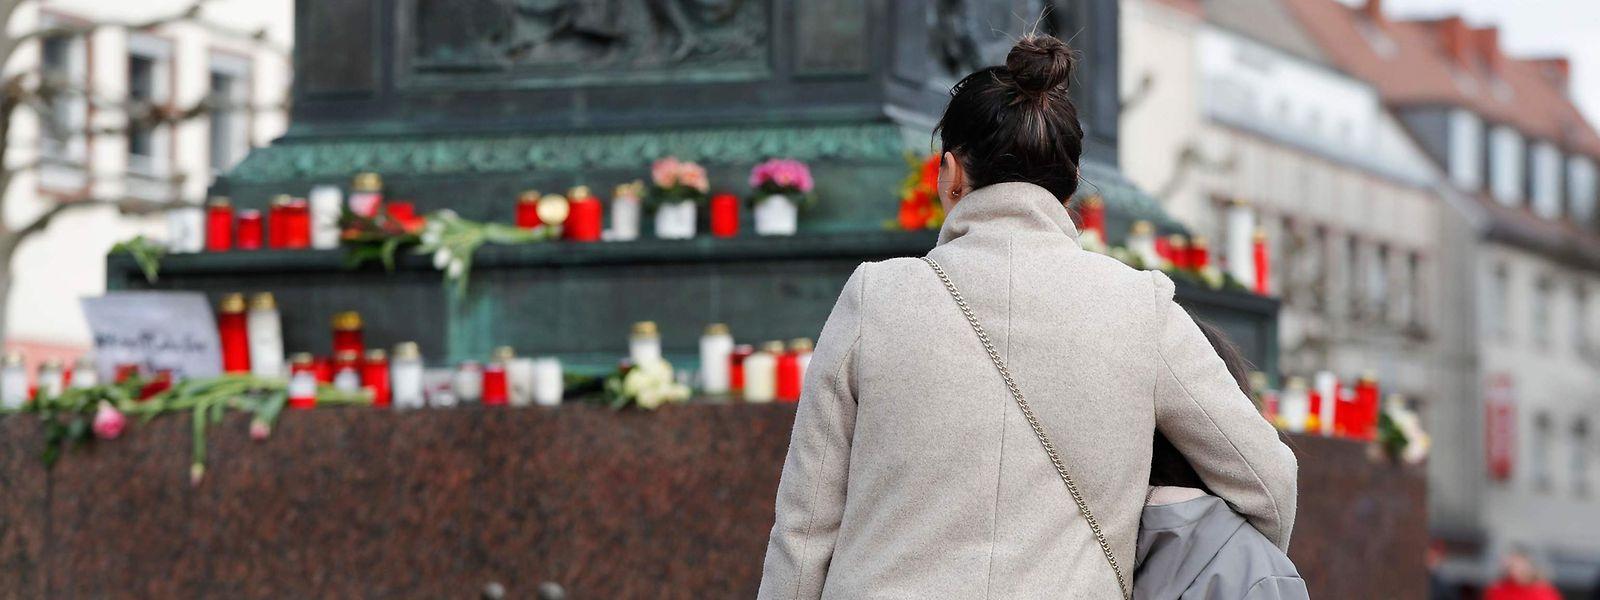 Auf dem Marktplatz in Hanau stehen Kerzen und Kränze in Gedenken an die Opfer des Anschlags vom Donnerstagabend.